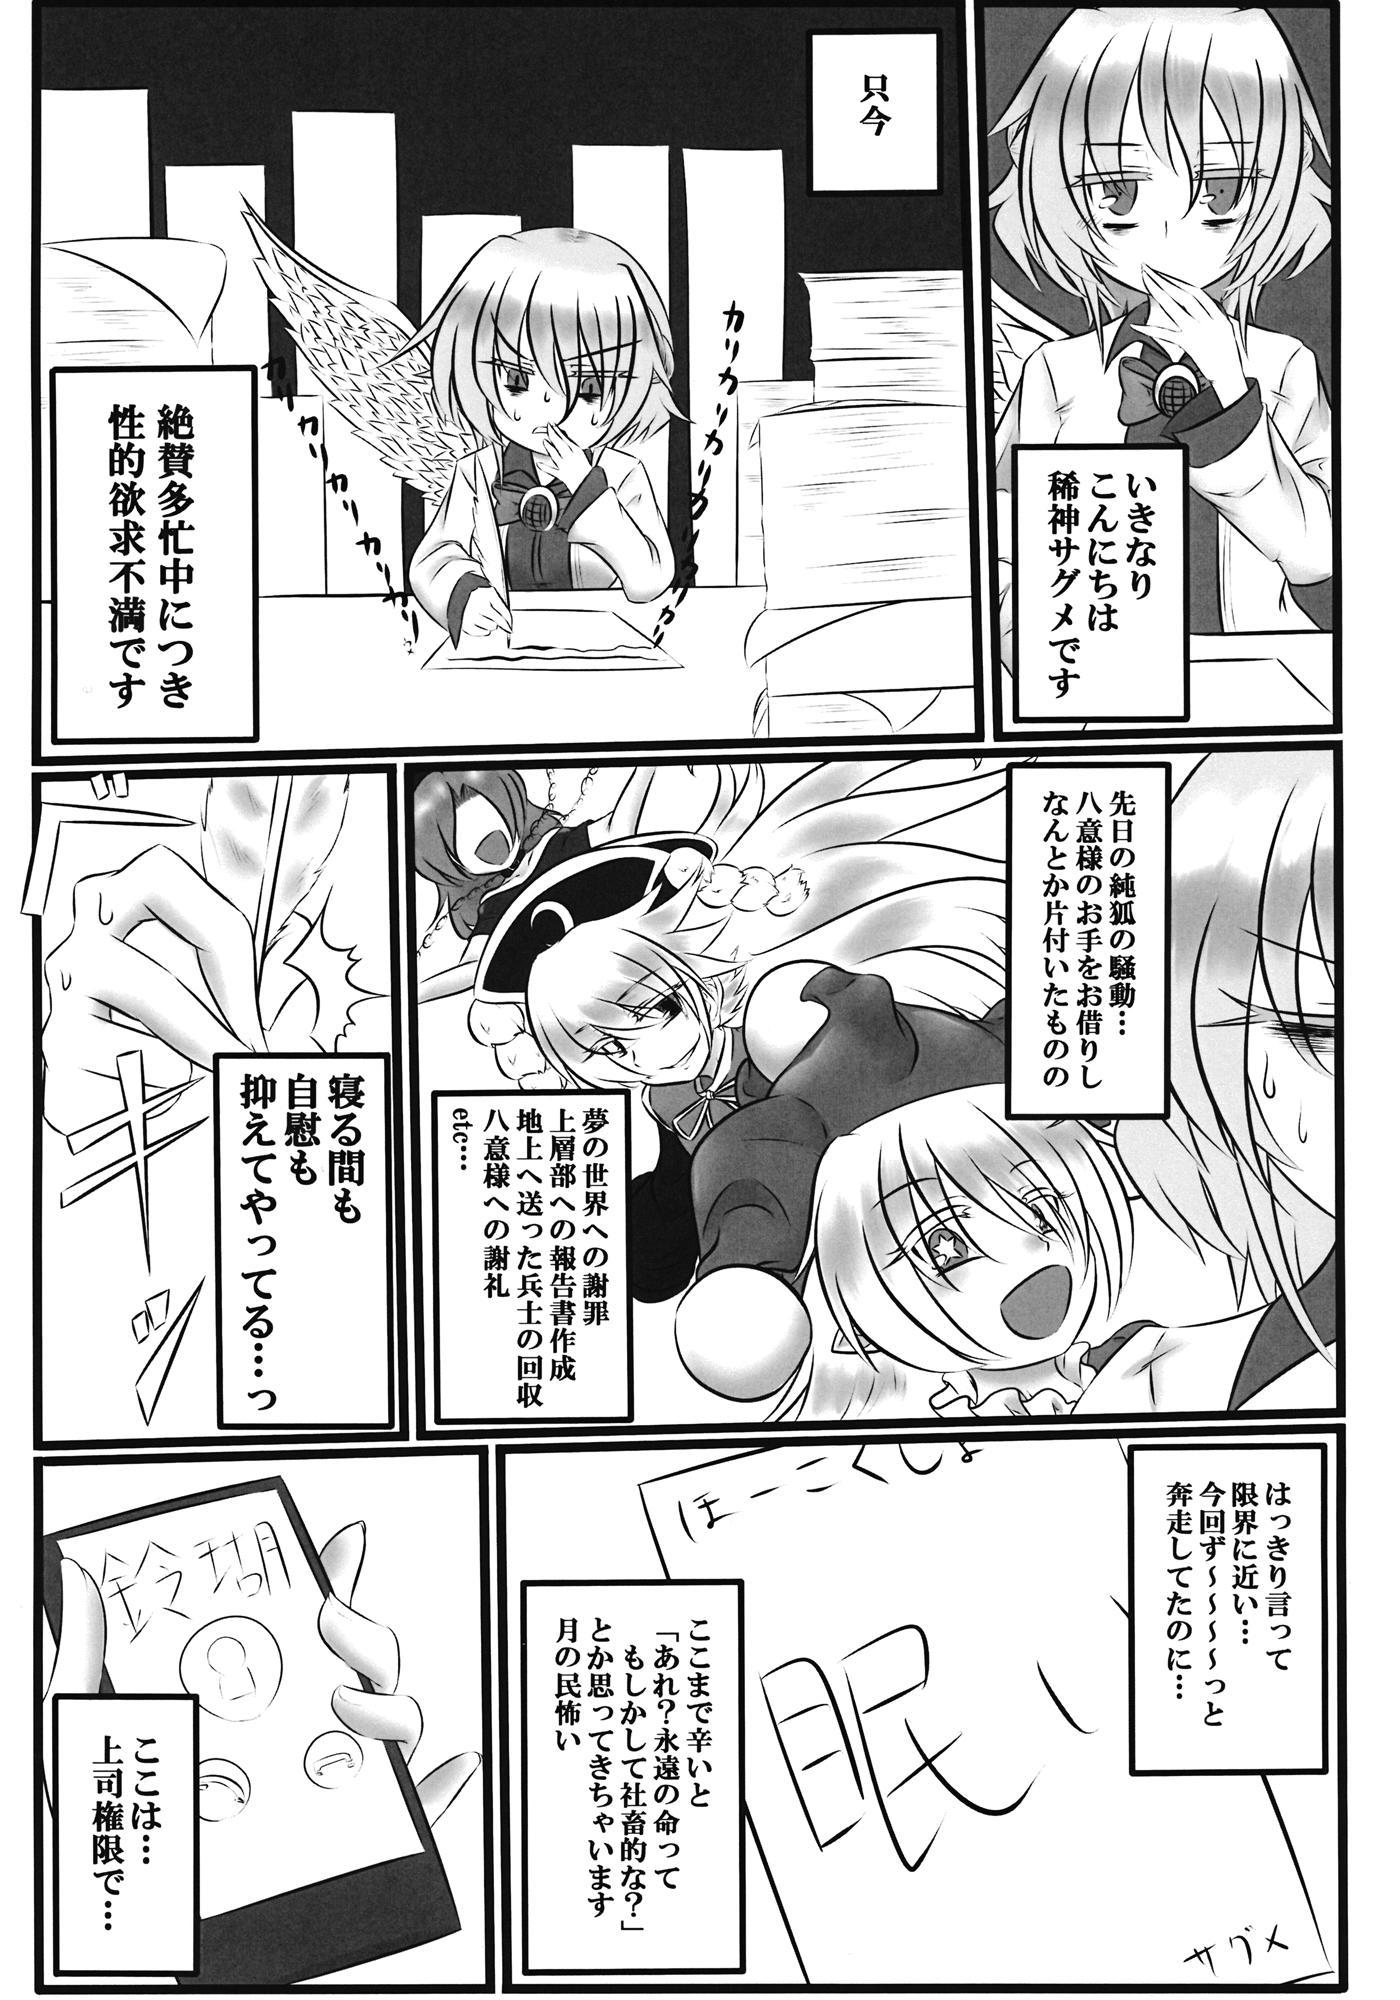 Gekka Chishin 3